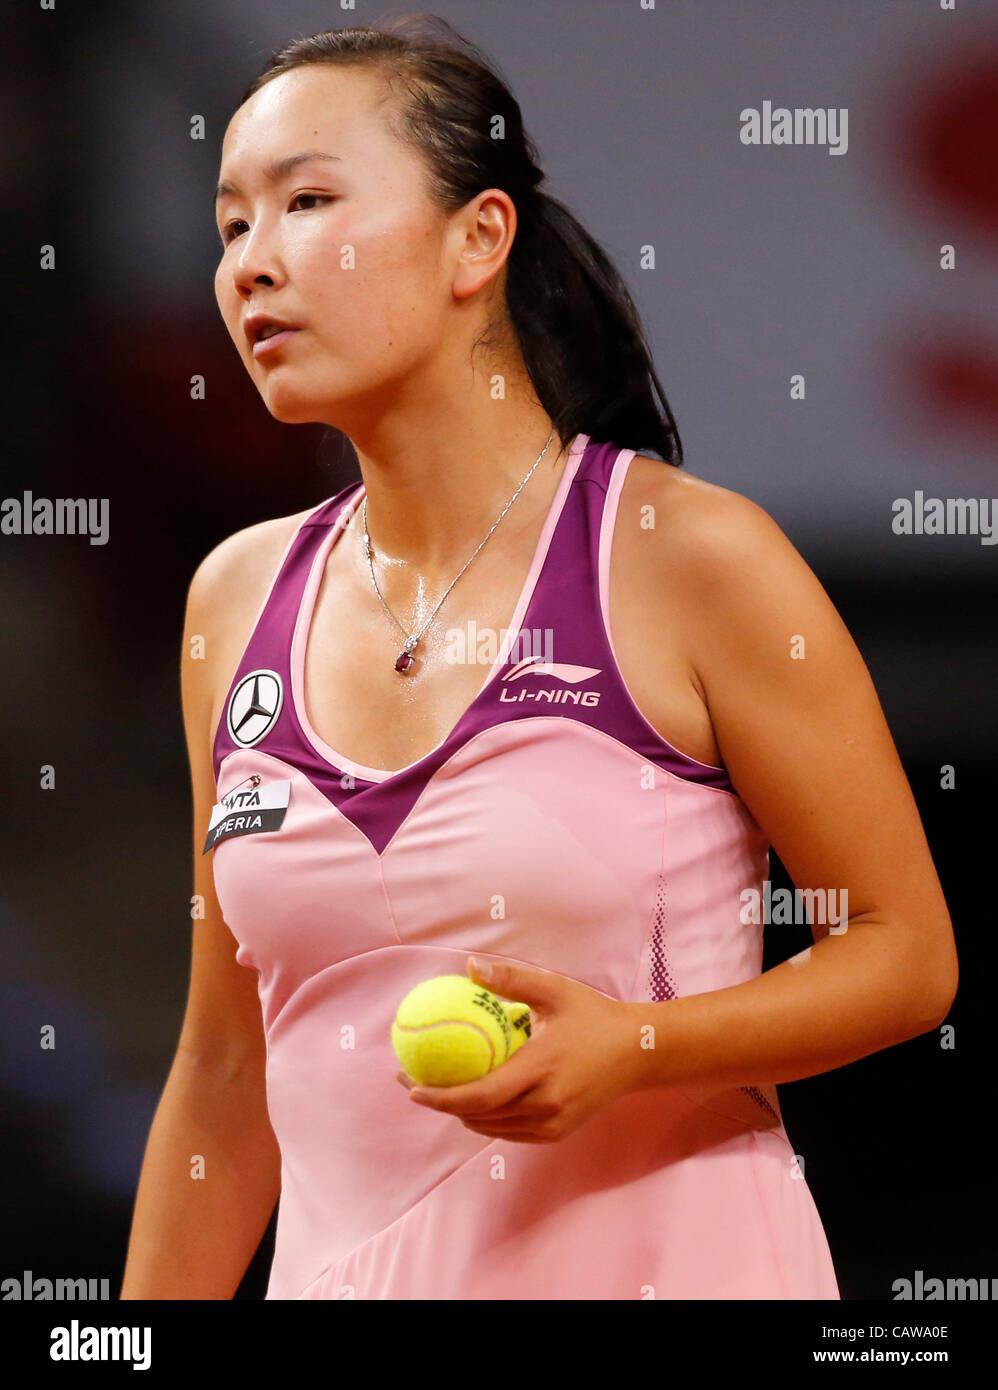 Shuai PENG (CHN) Aktion Aufschlag,  Portrait, Kopf, Gesicht, Tennisball, Einzelbild   beim Porsche Tennis Grand - Stock Image